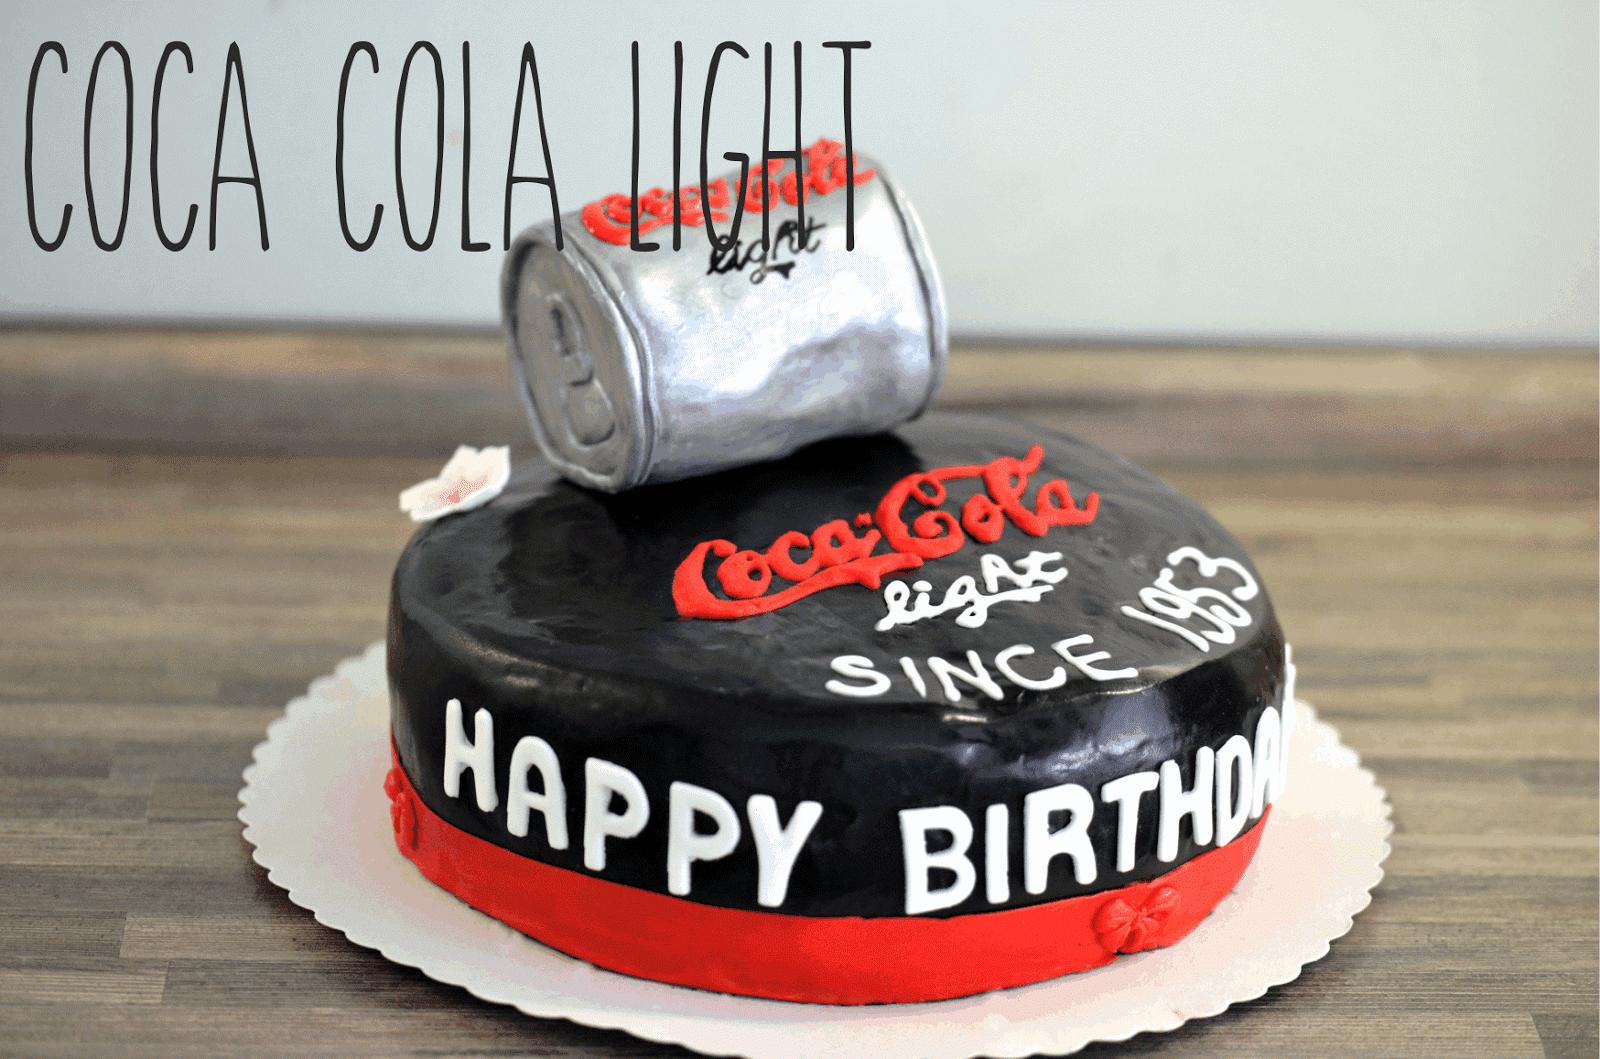 Melina S Susses Leben Motivtorte Coca Cola Light Mit Schoko Chili